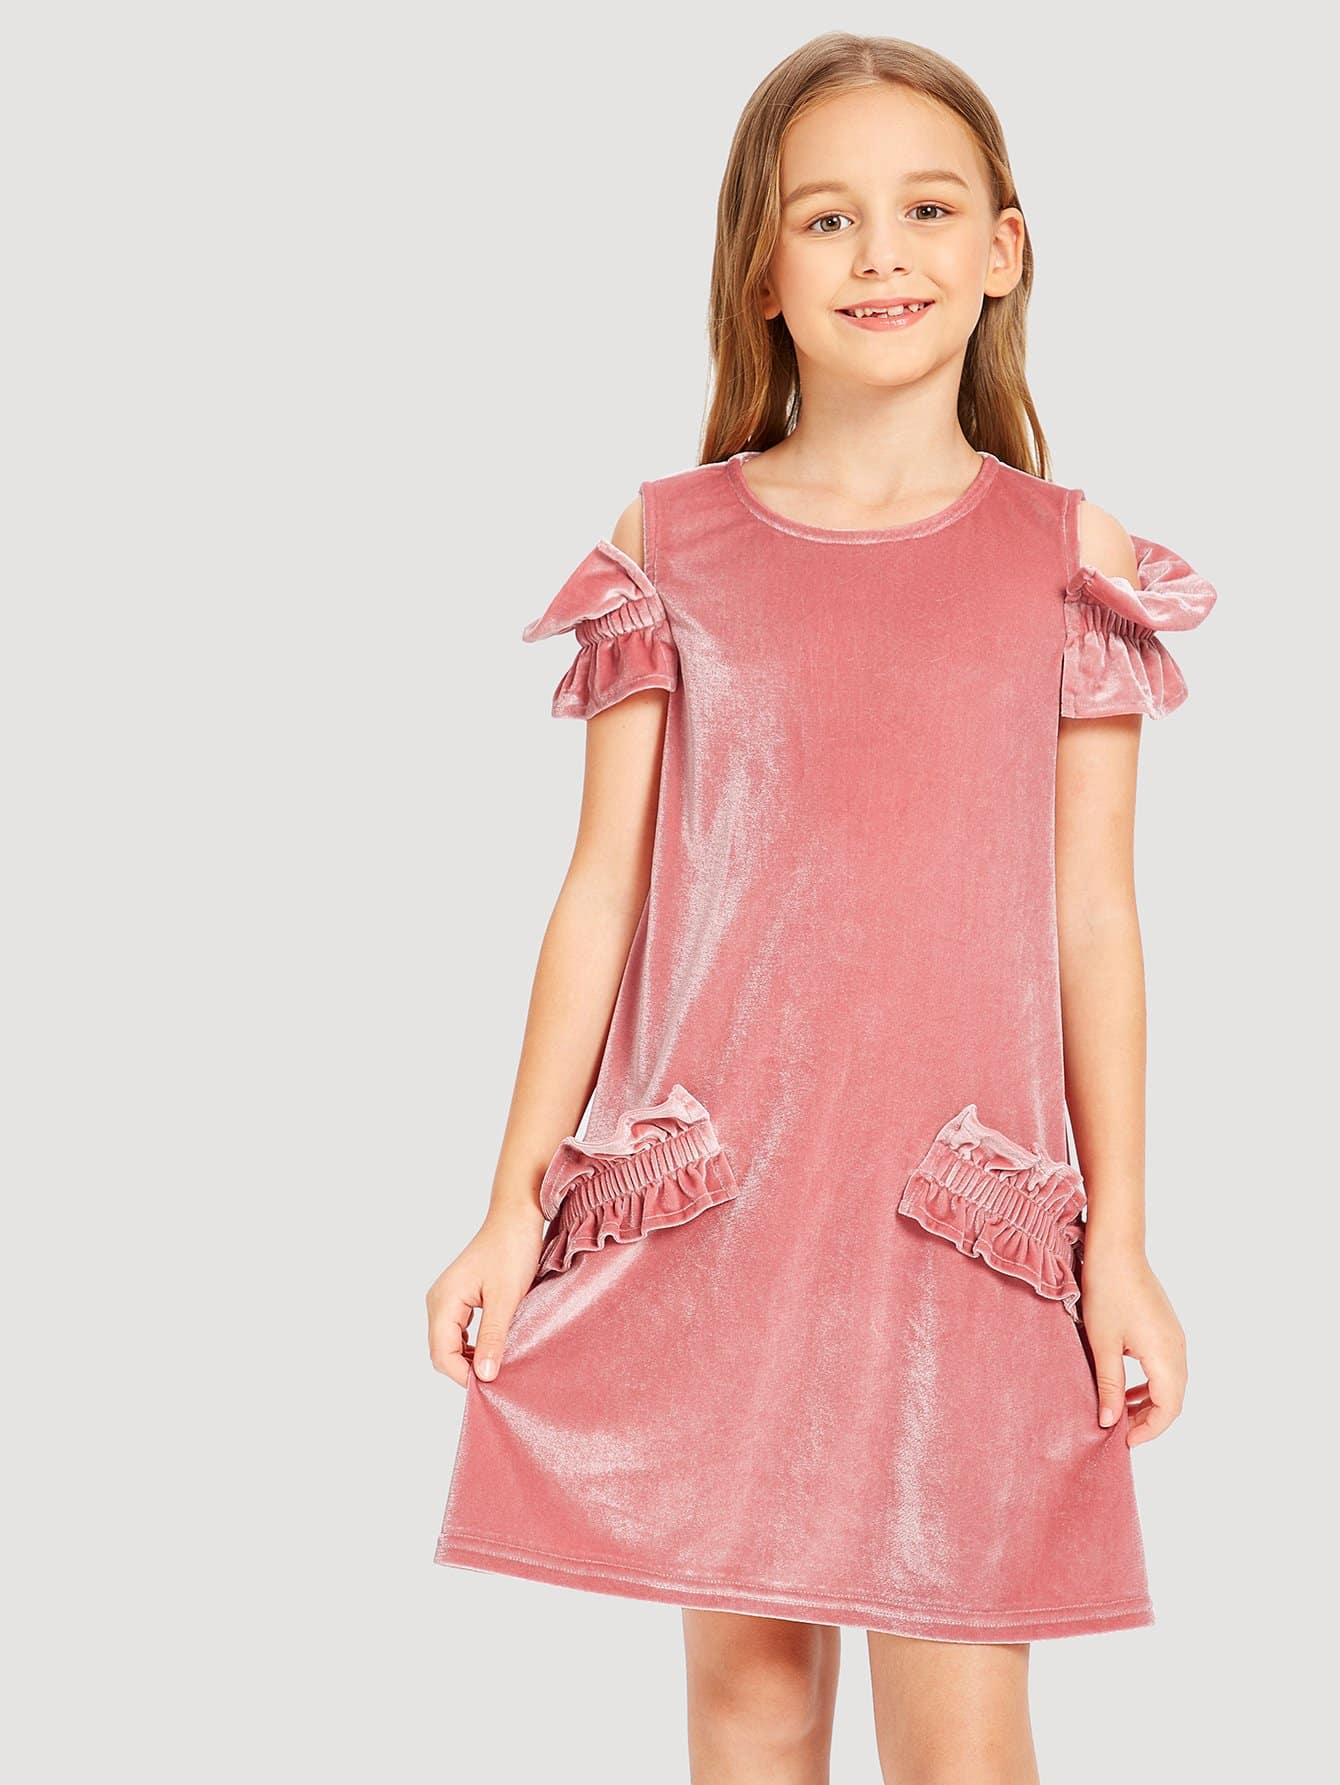 Купить Платье без бретелек и с кружевными оборками и с застёжкой сзади однжды для девочки, Sashab, SheIn